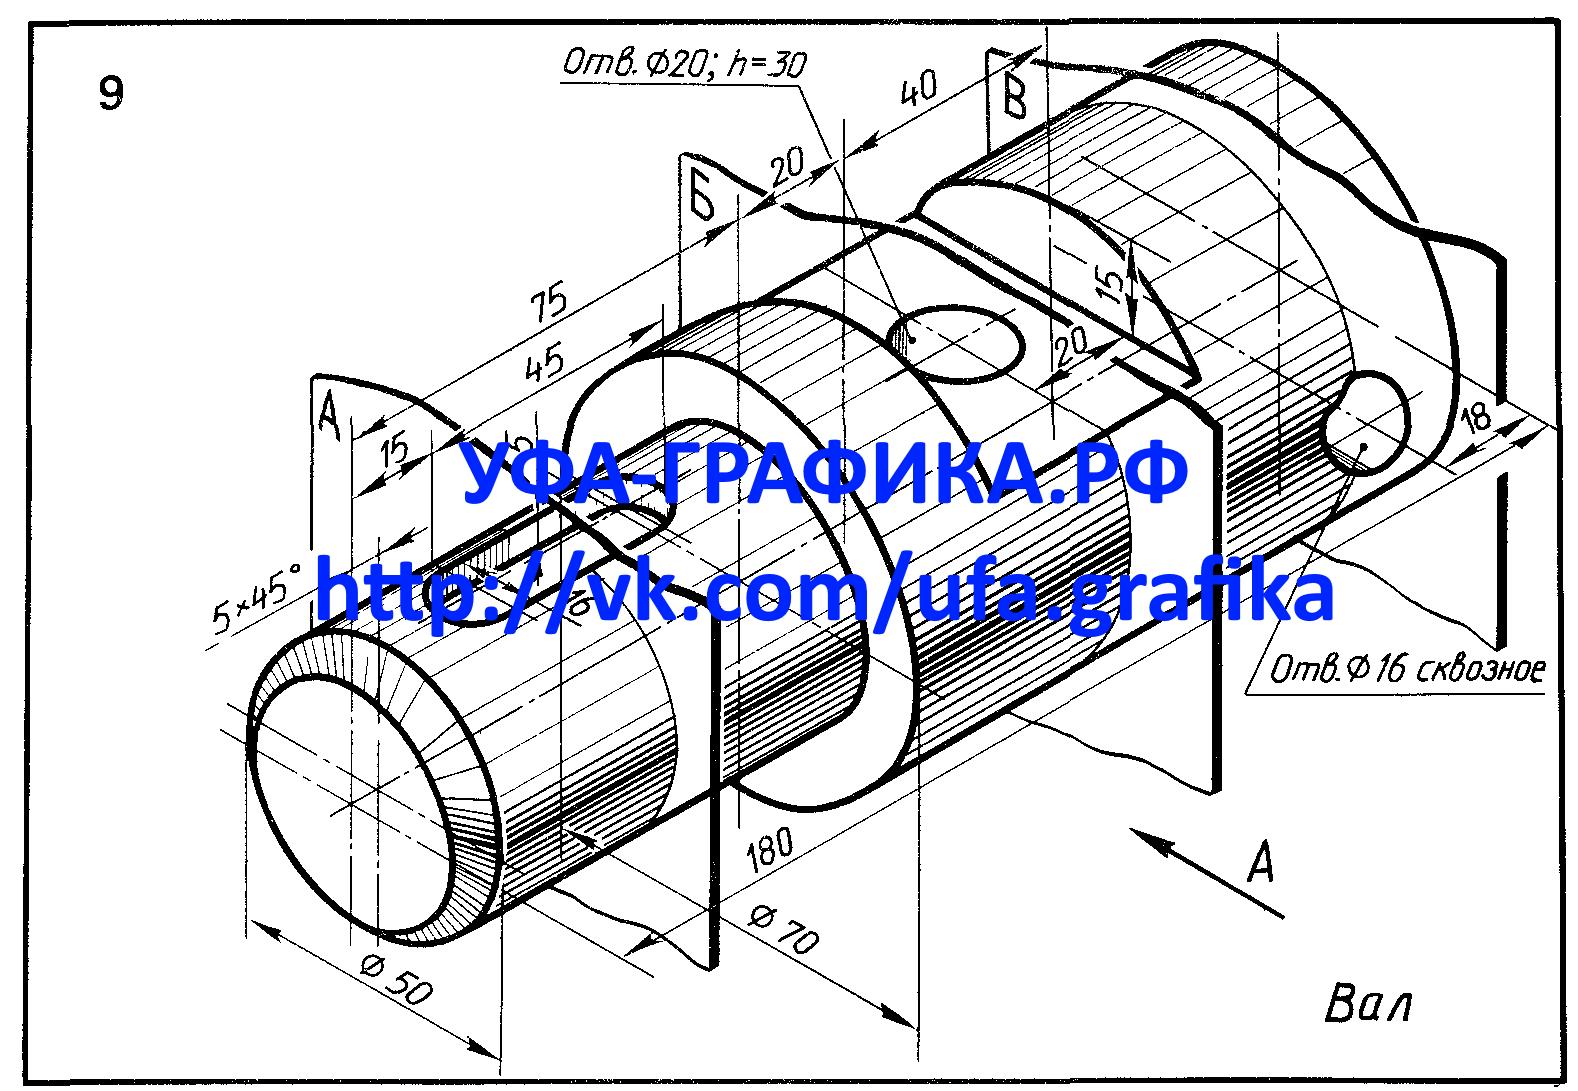 Сечения вала - Вариант 9, чертежи, деталирование, 3Д модели, начертательная геометрия, инженерная графика